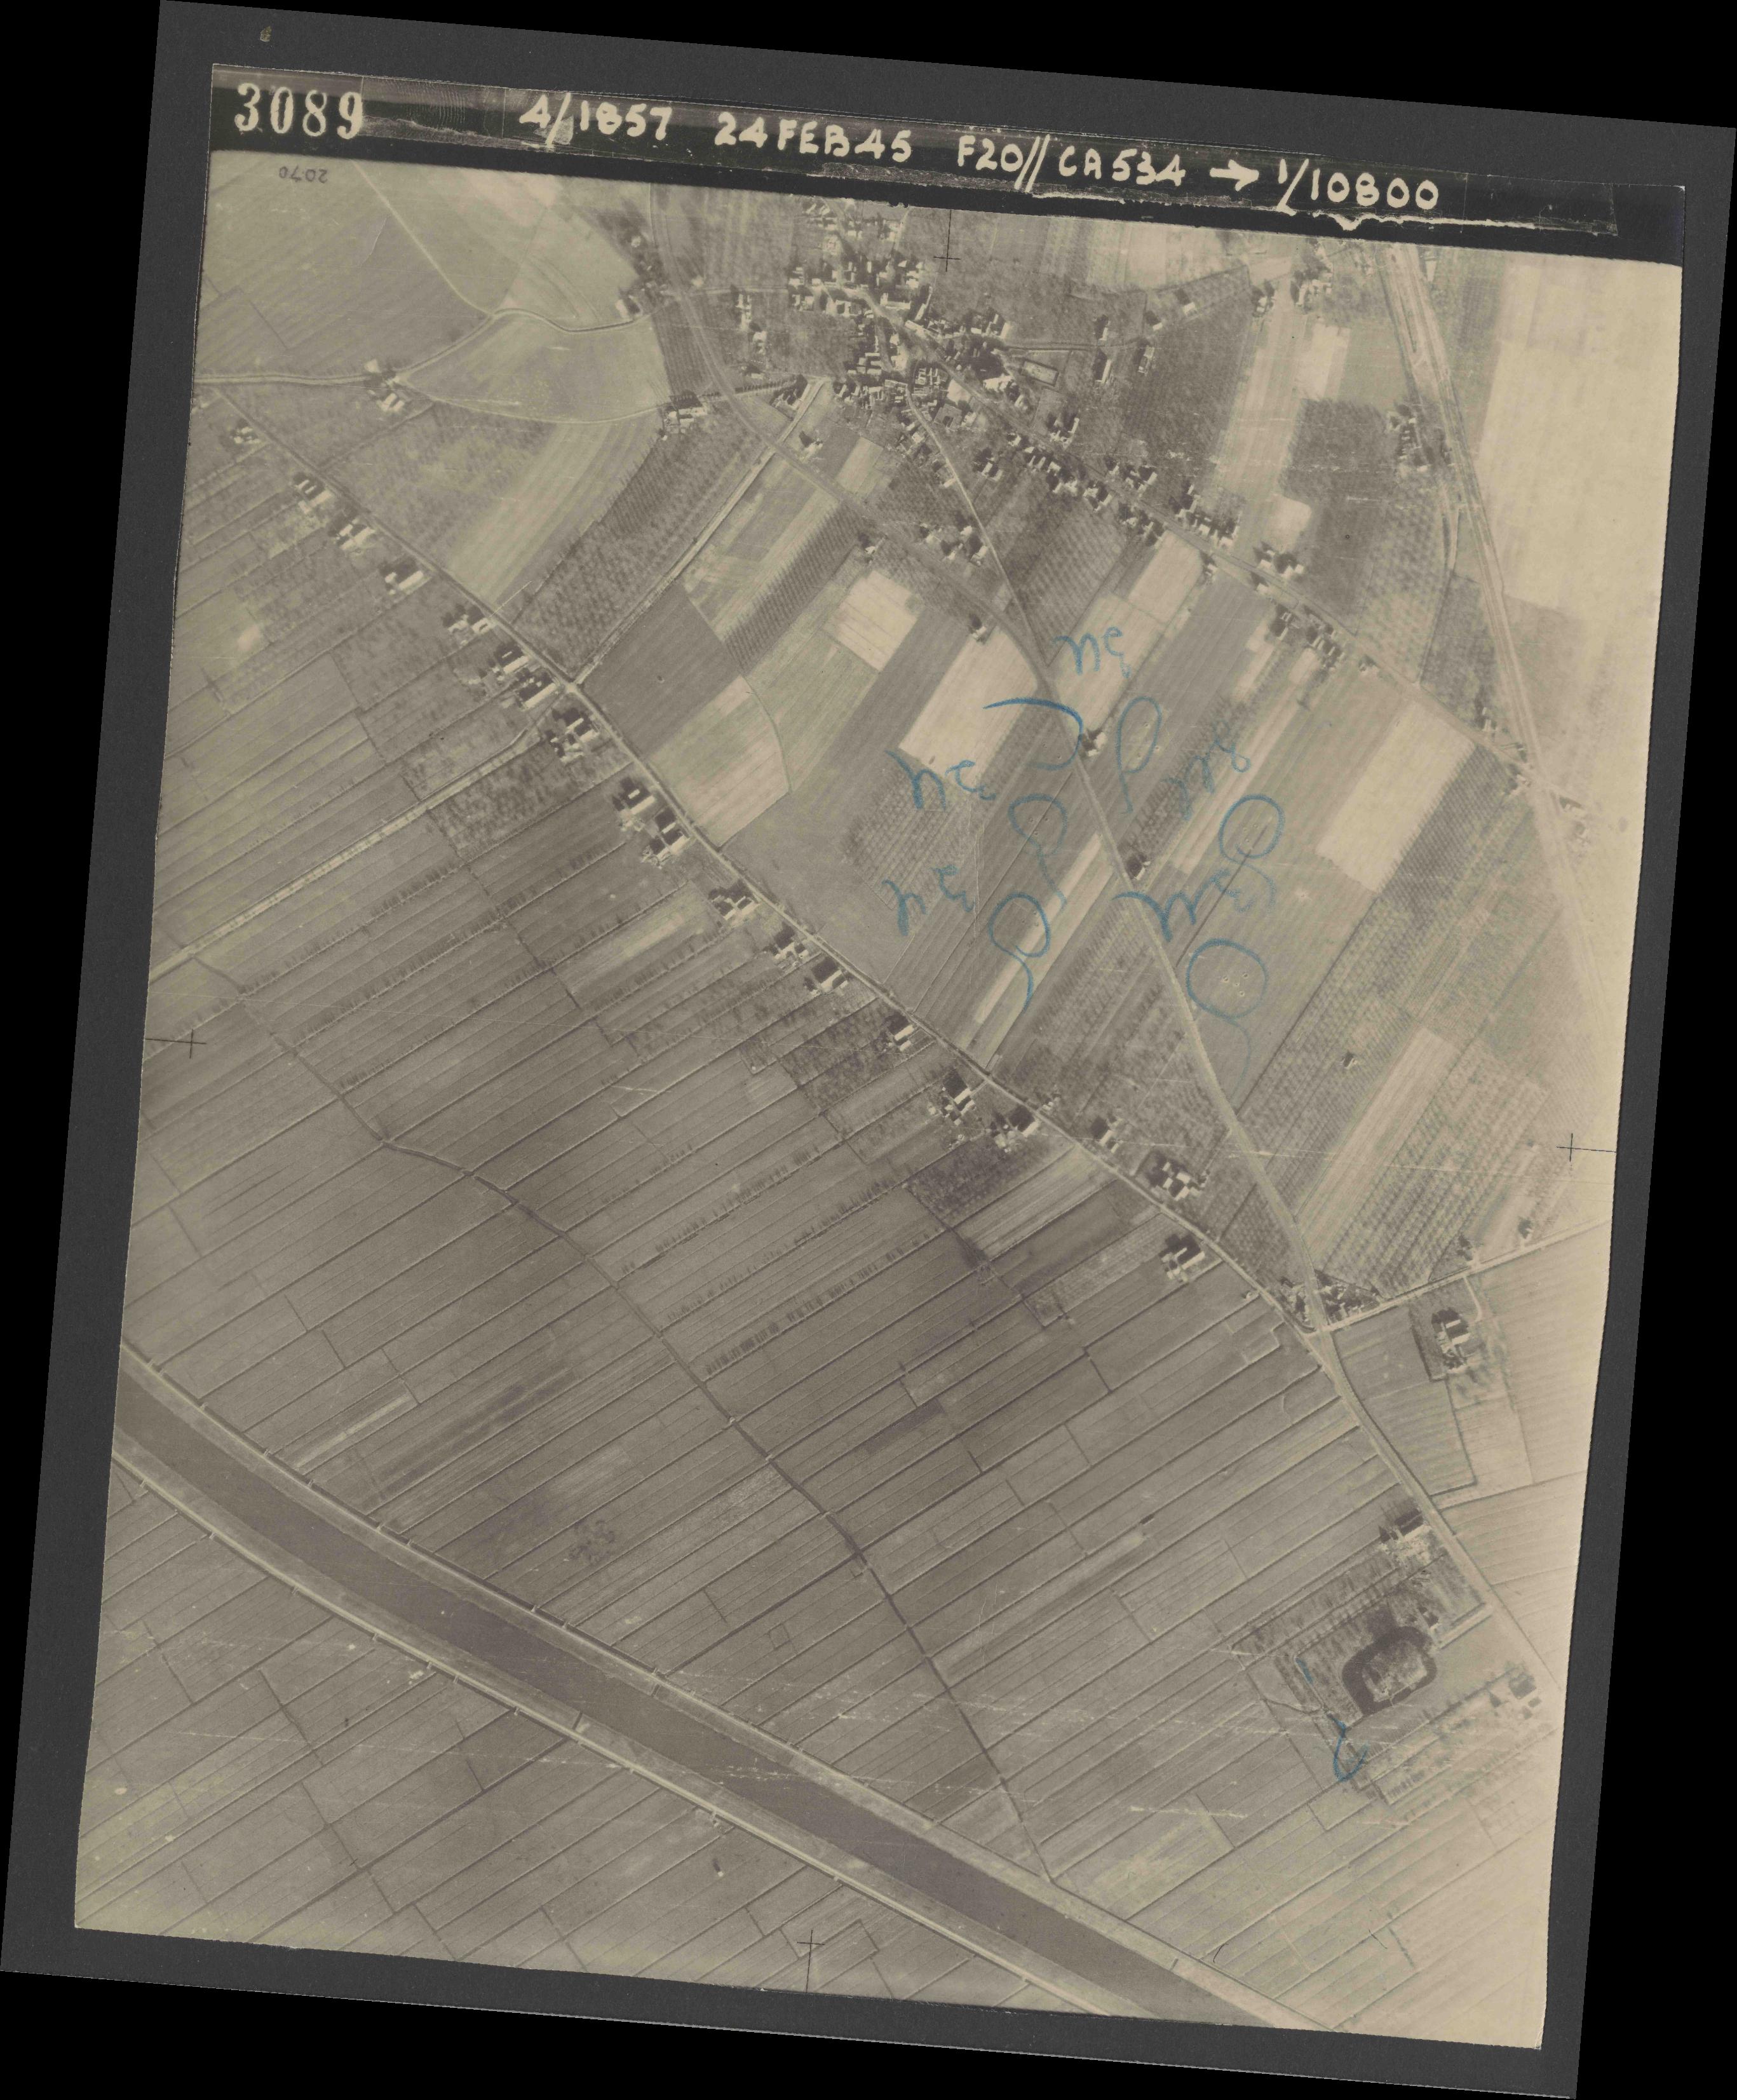 Collection RAF aerial photos 1940-1945 - flight 073, run 02, photo 3089